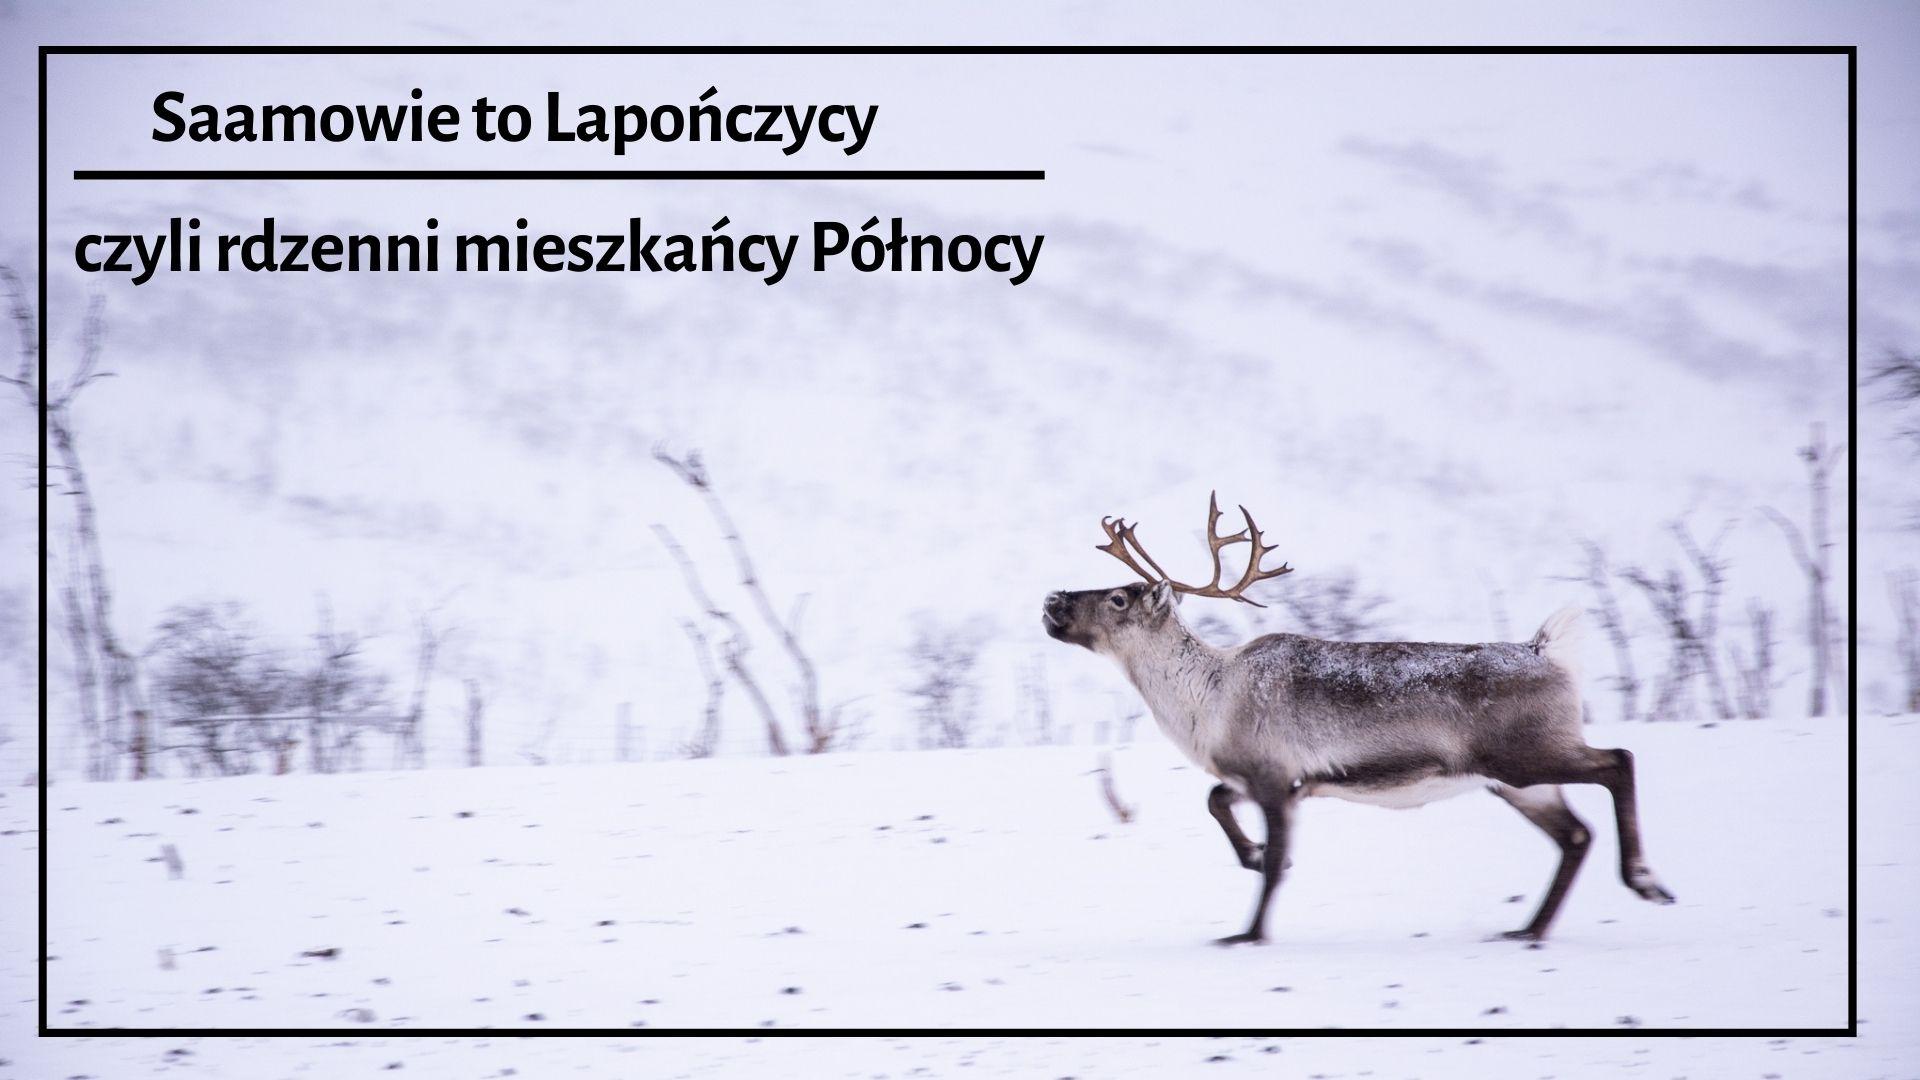 saamowie, lapończycy